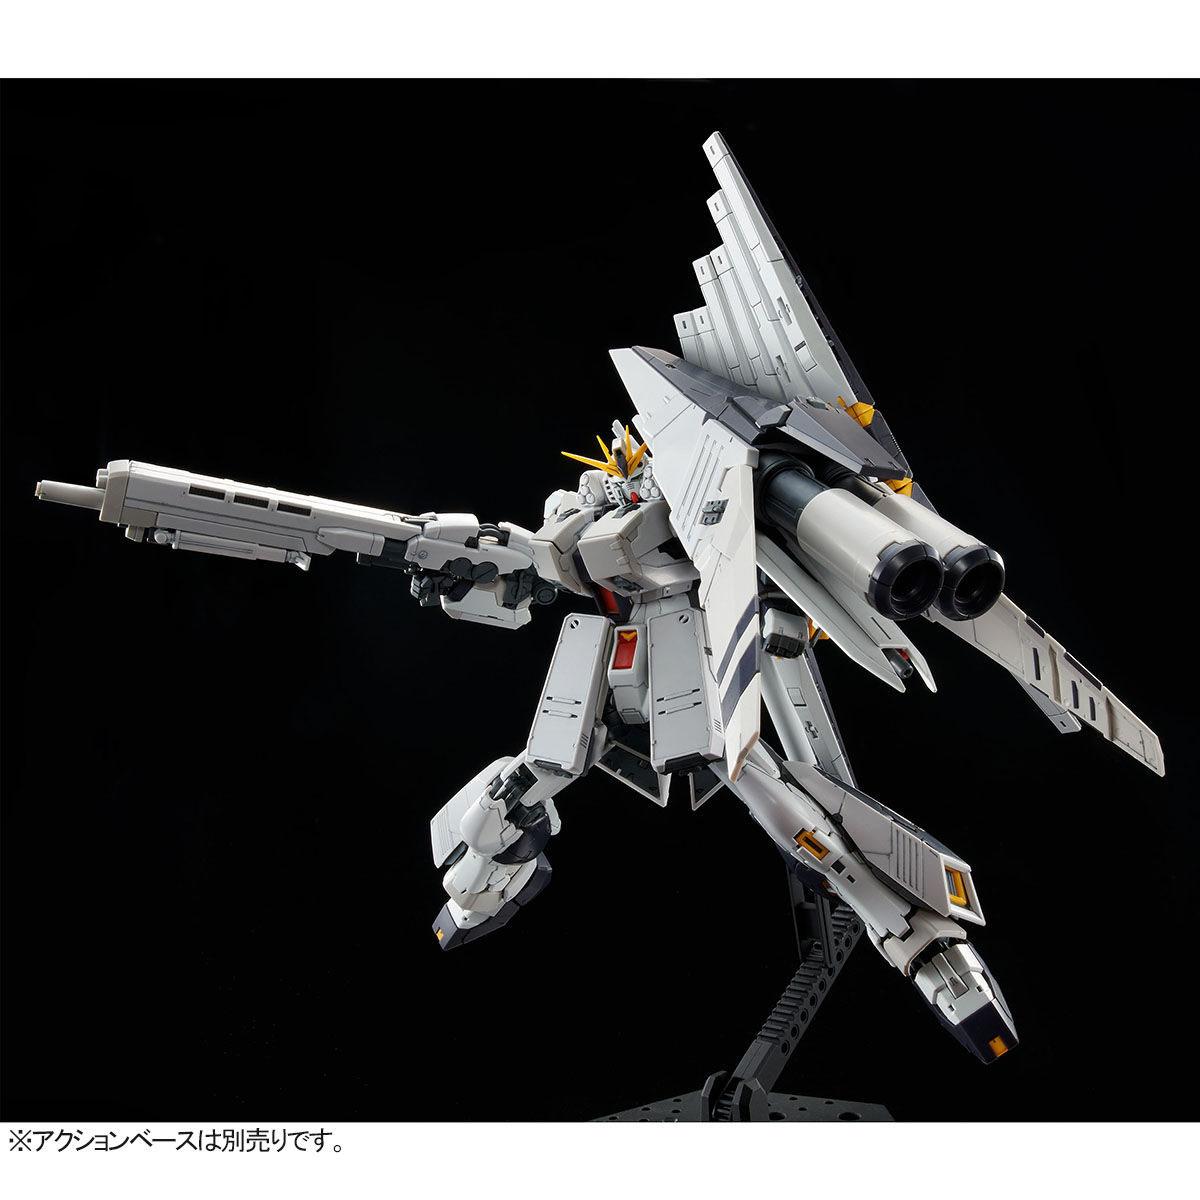 【限定販売】RG 1/144『νガンダム HWS』逆襲のシャア プラモデル-005